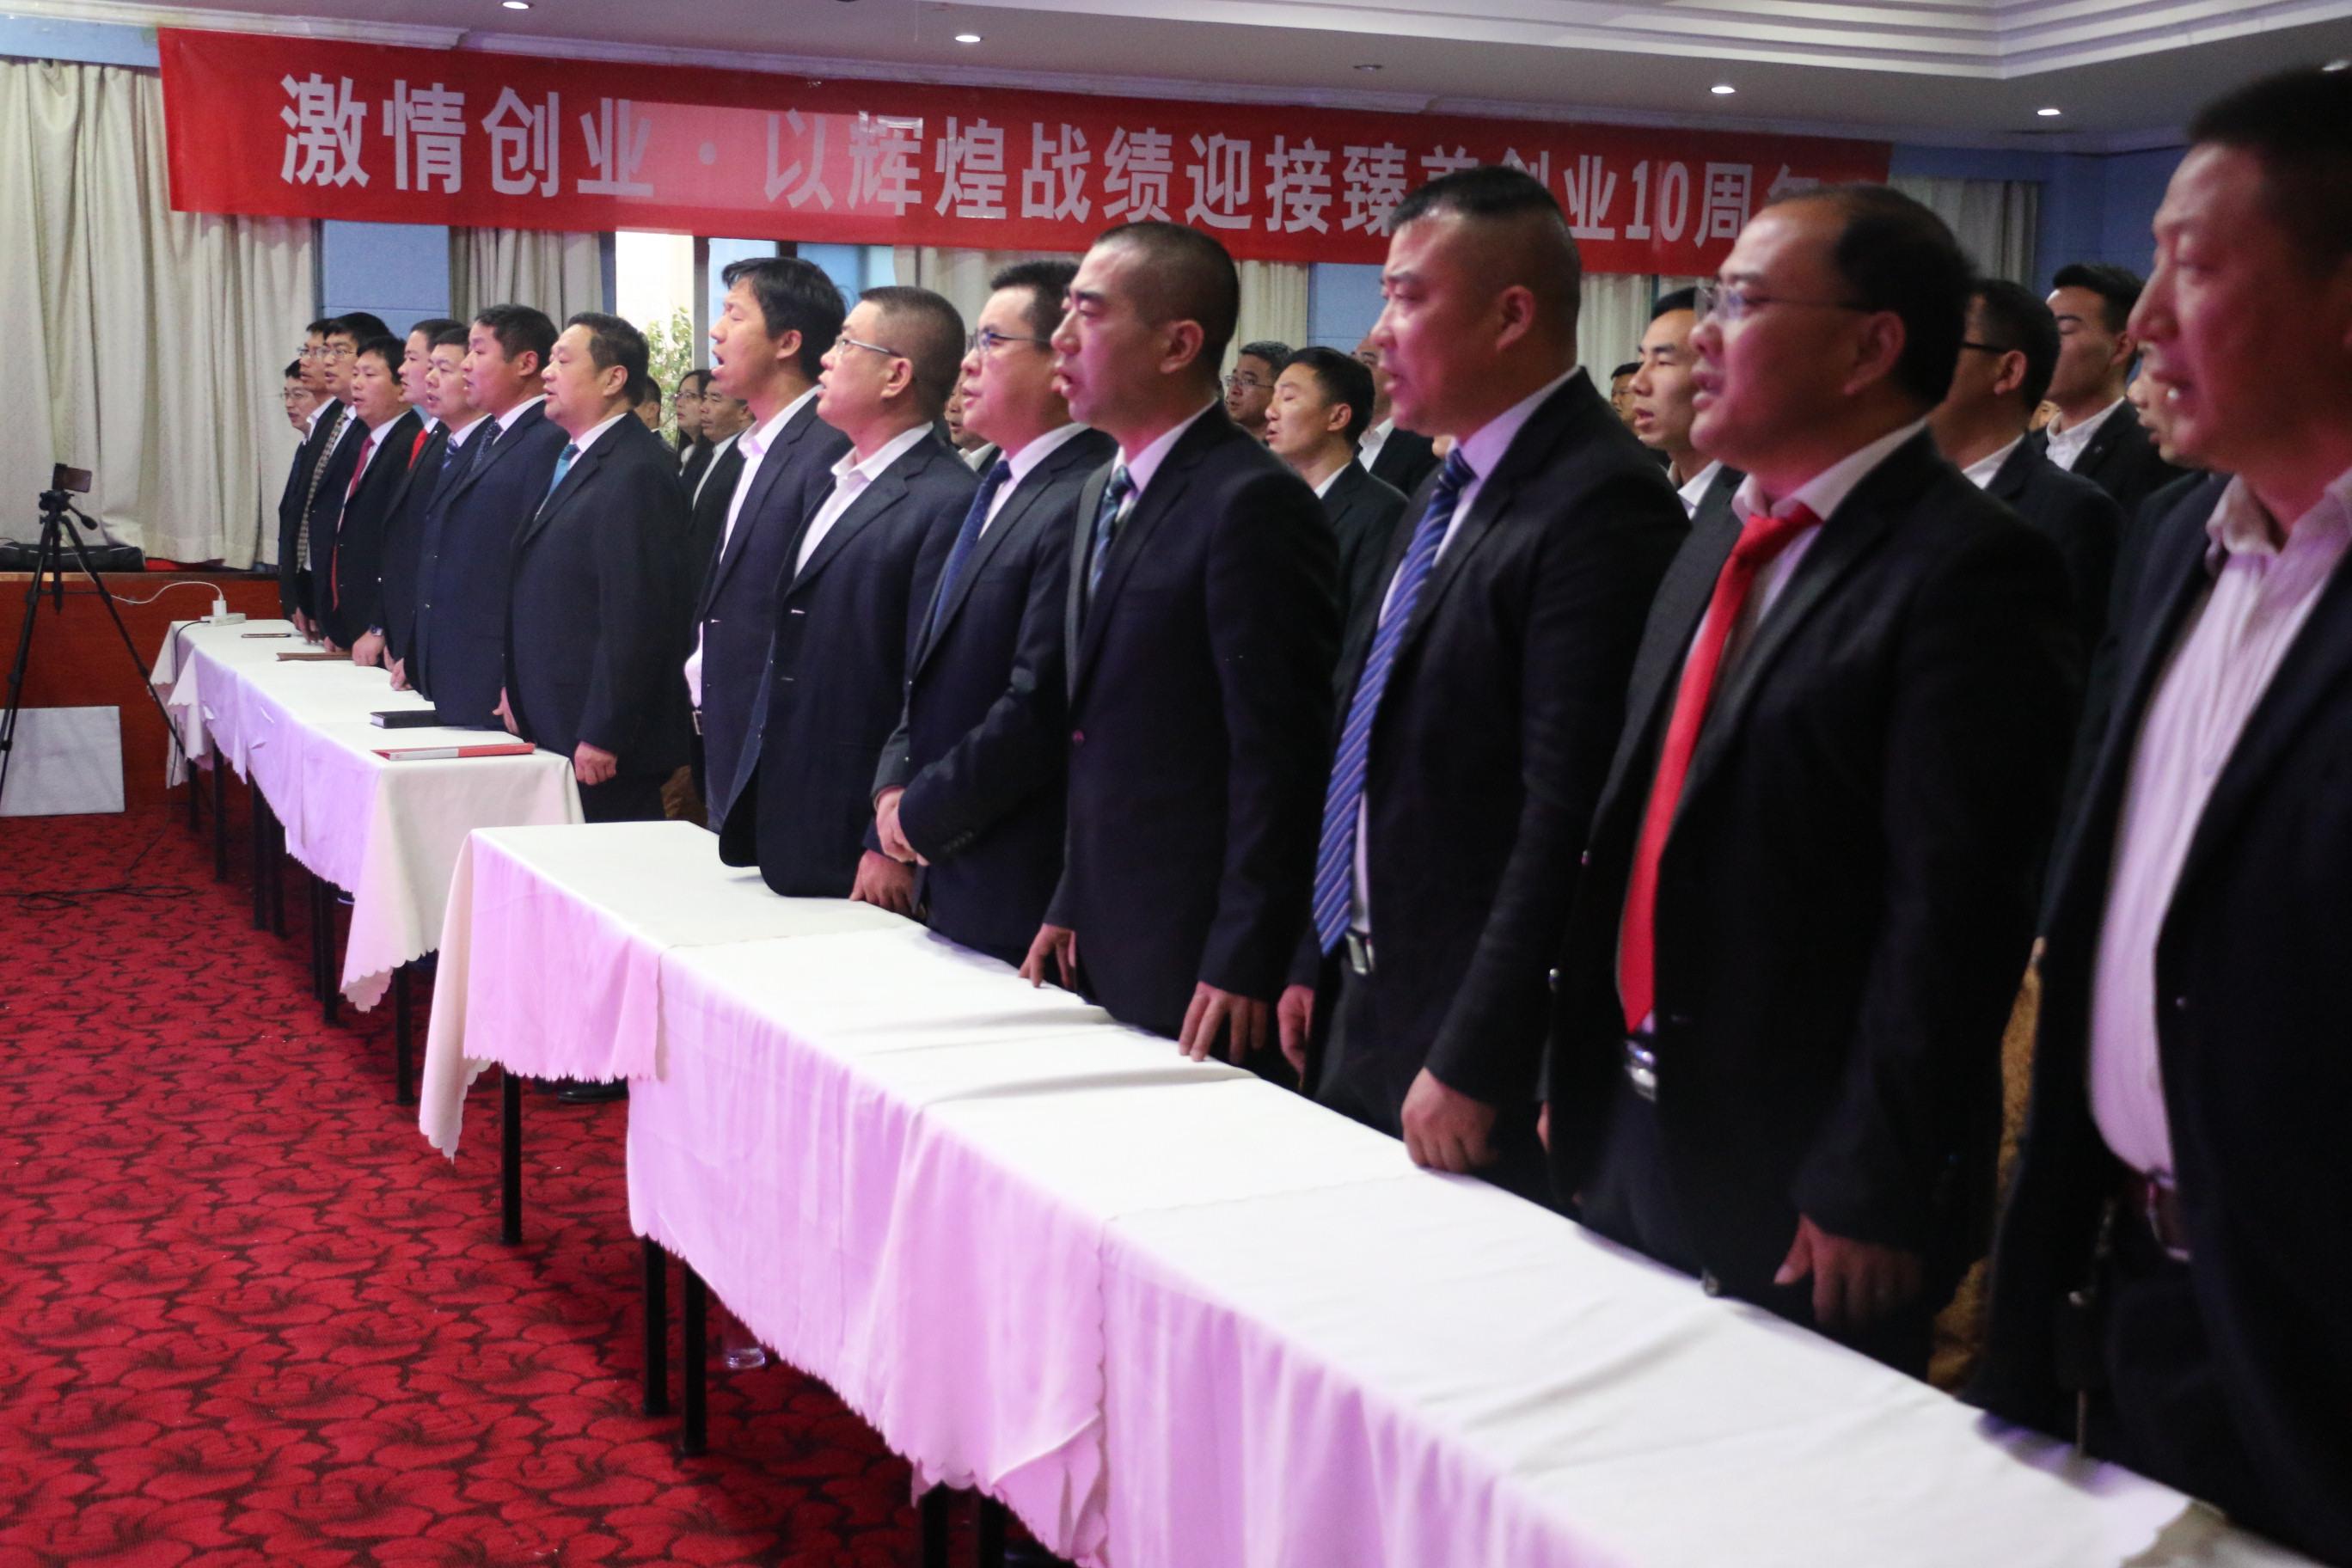 重庆时时开彩结果历史农牧集团